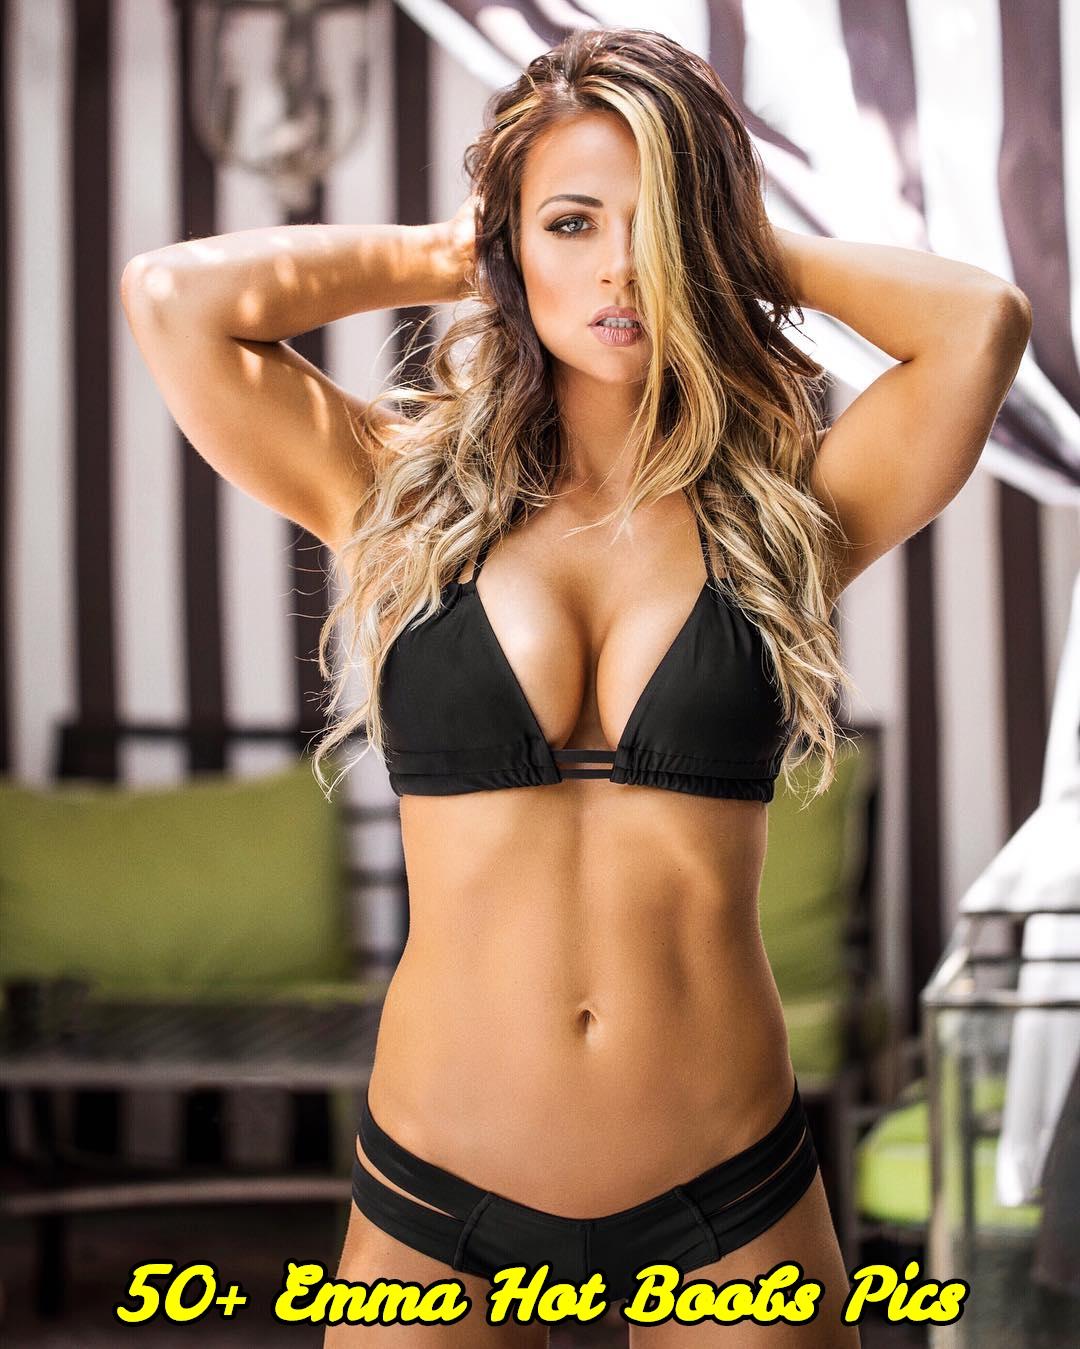 Emma hot boobs pics